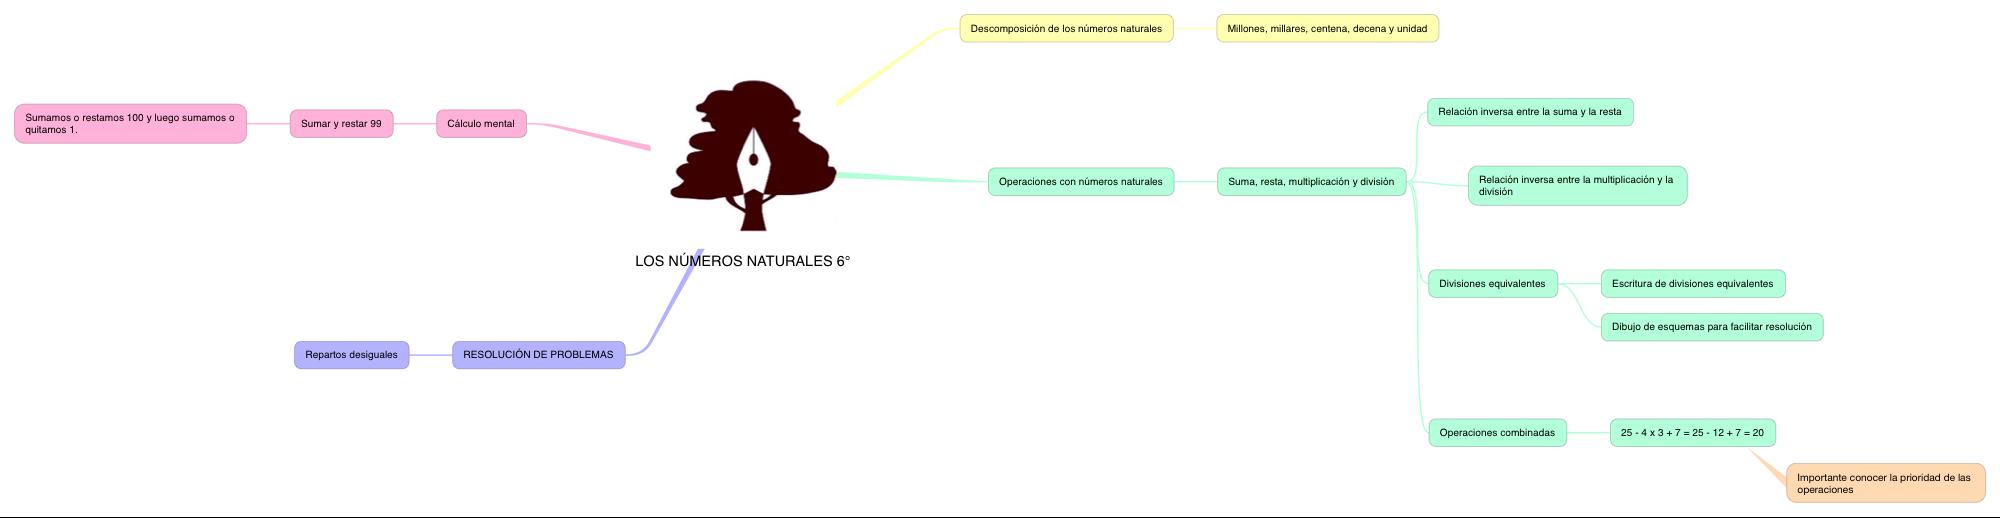 MATEMÁTICAS_LOS NÚMEROS NATURALES_6